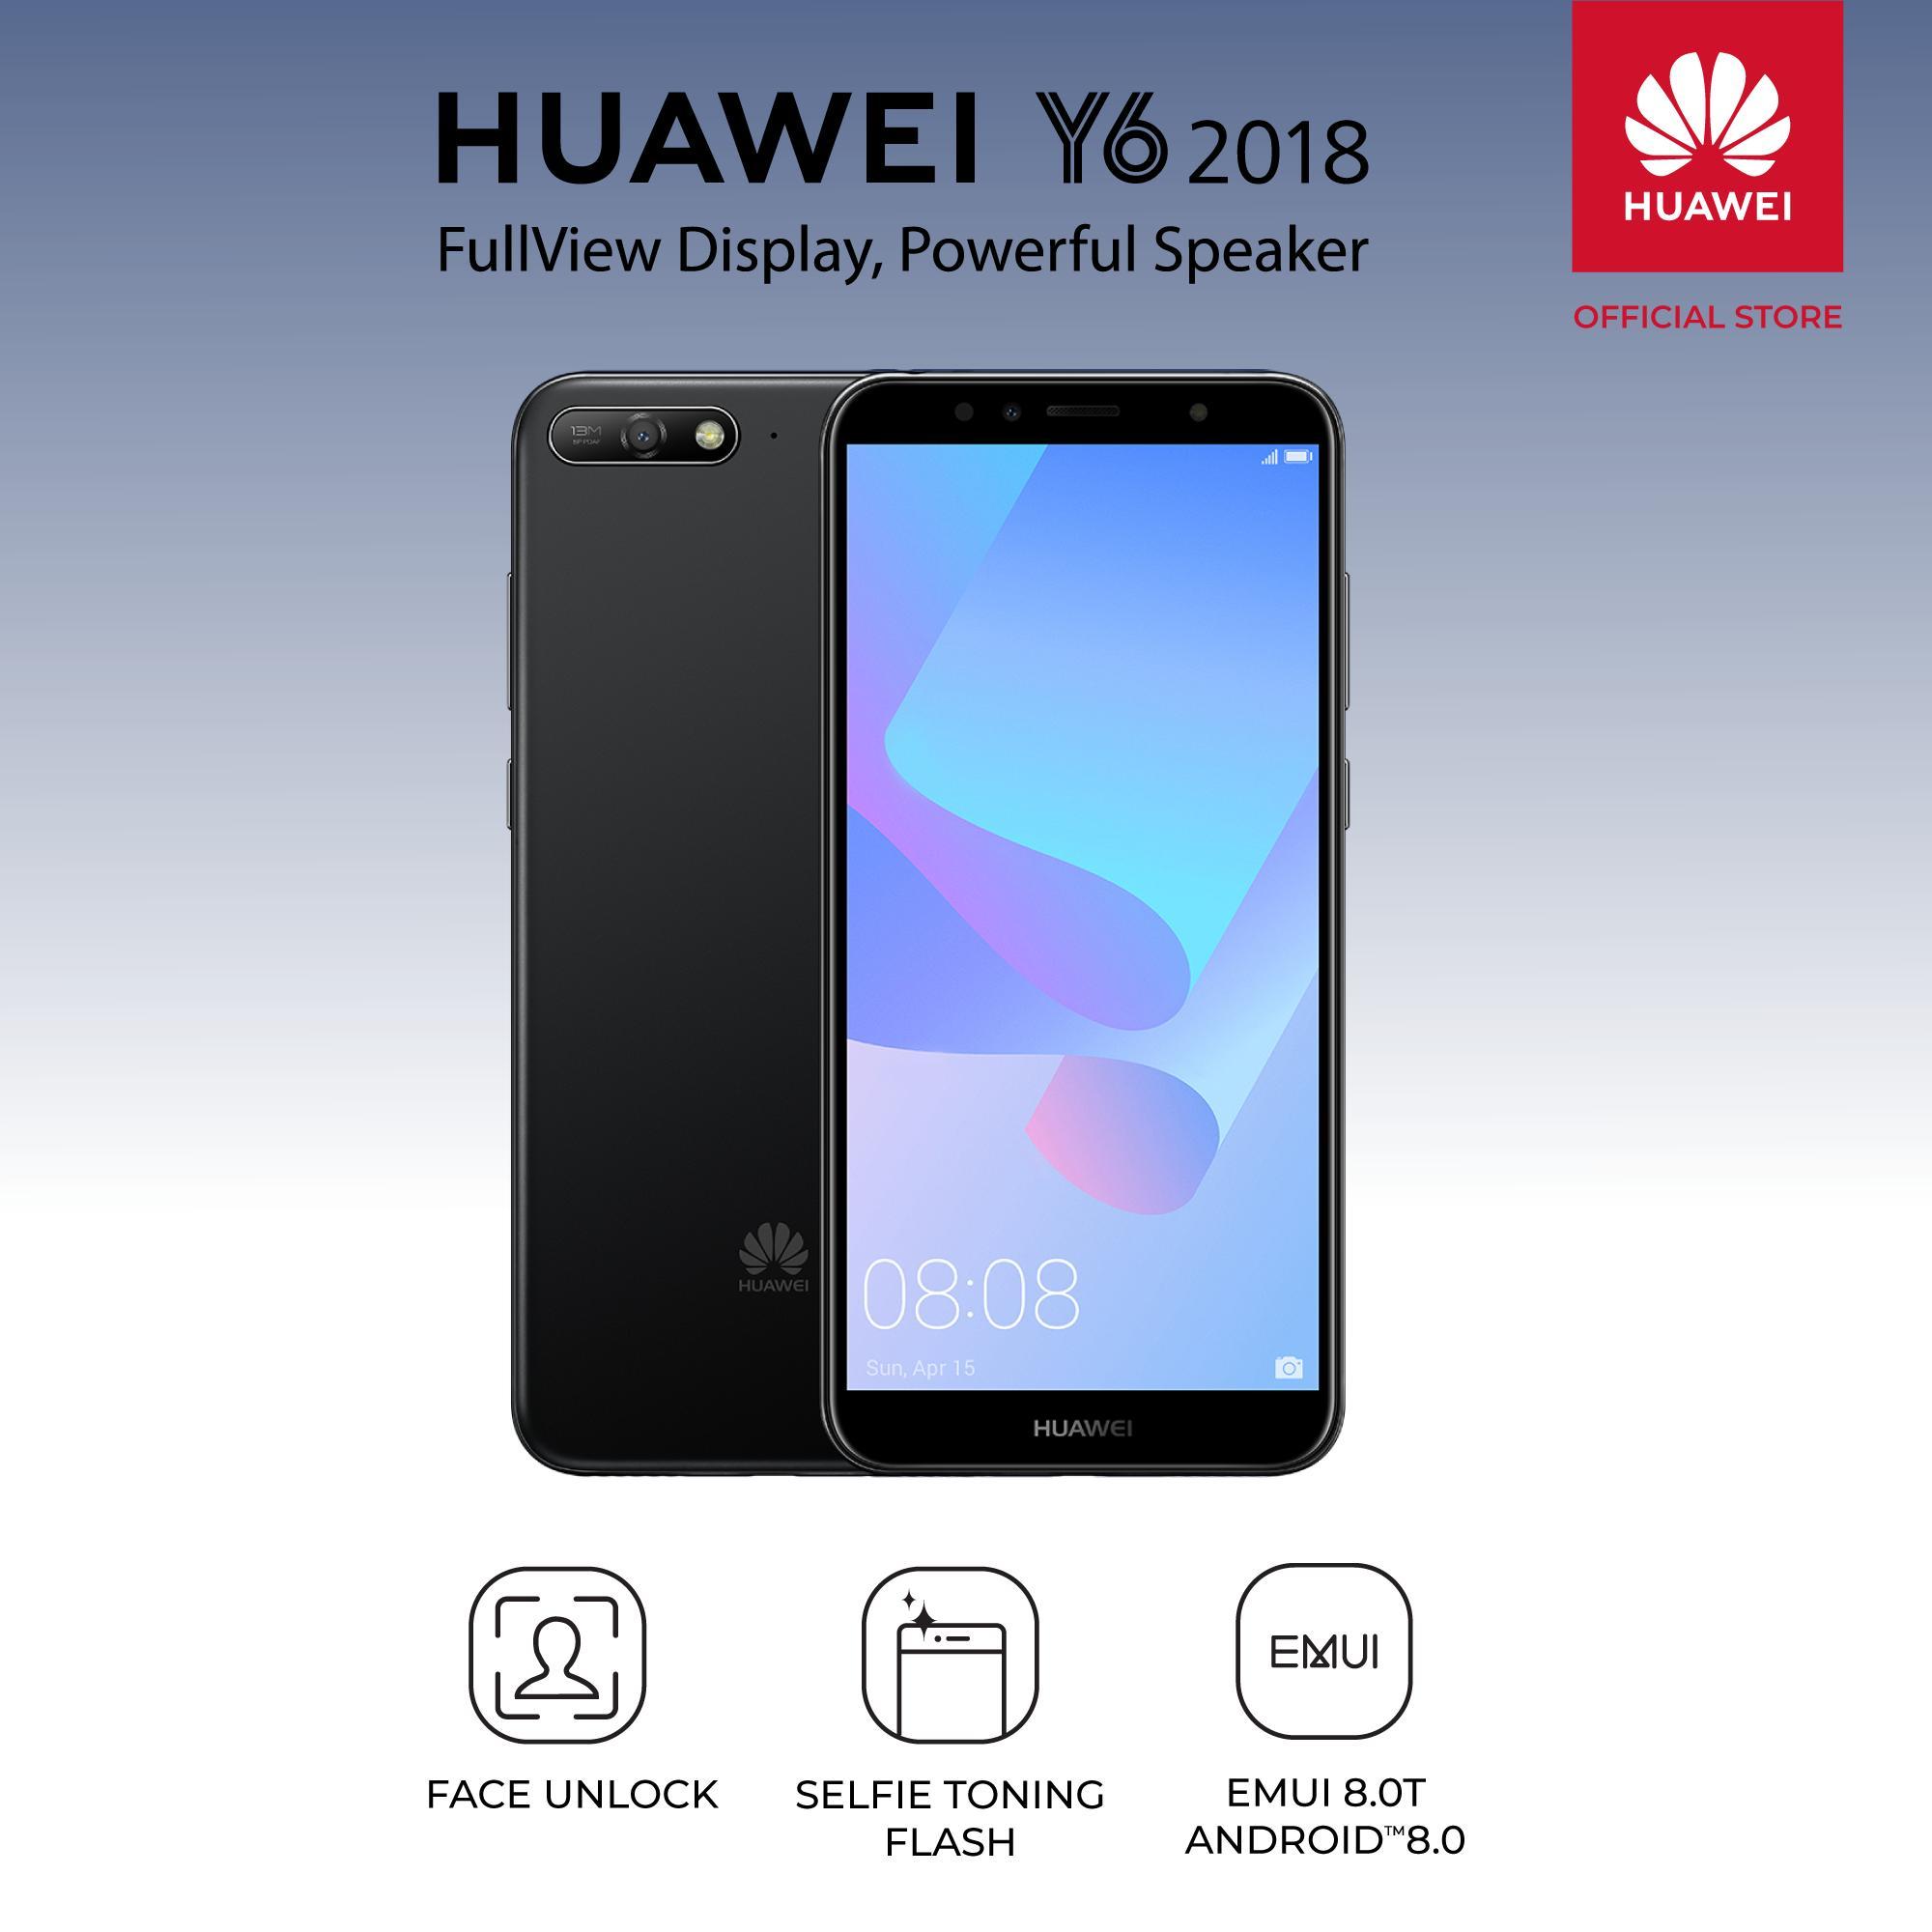 Kelebihan Huawei 4g Wingle E8372 Terkini Daftar Harga Dan Tempat Modem Mifi 150mbps Y6 2018 Dual Sim Lte